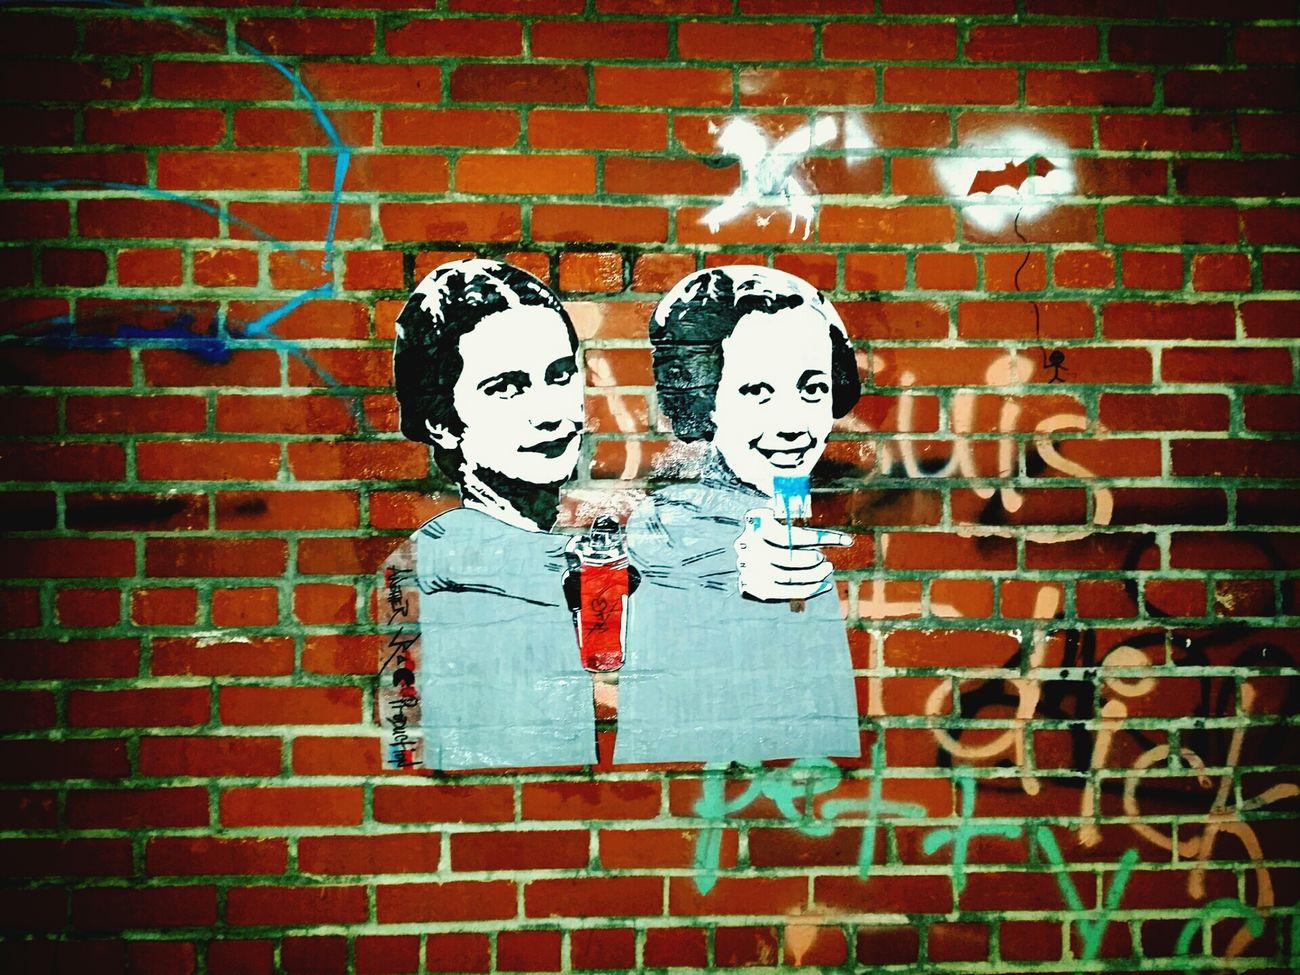 Street Art art Montgomery Abstract Mafia Studio